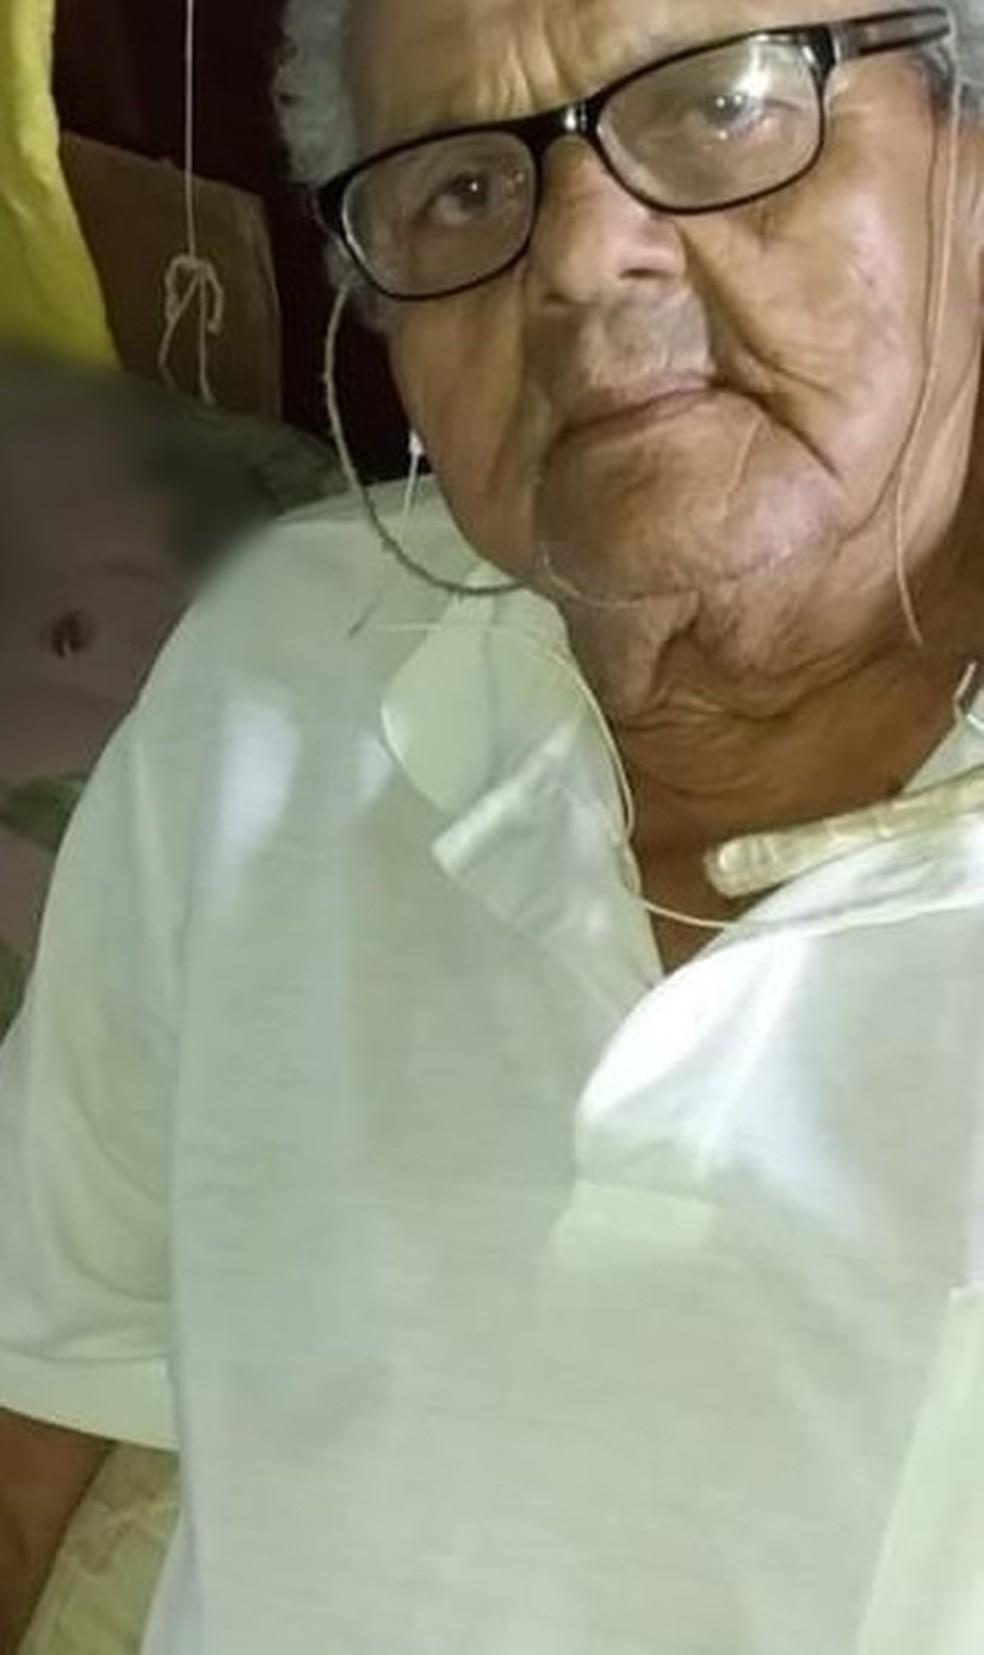 O corpo de Raymundo Batista de Oliveira, de 85 anos, foi enterrado no lugar de corpo de mulher que também teria morrido com suspeita da Covid-19 — Foto: Arquivo pessoal